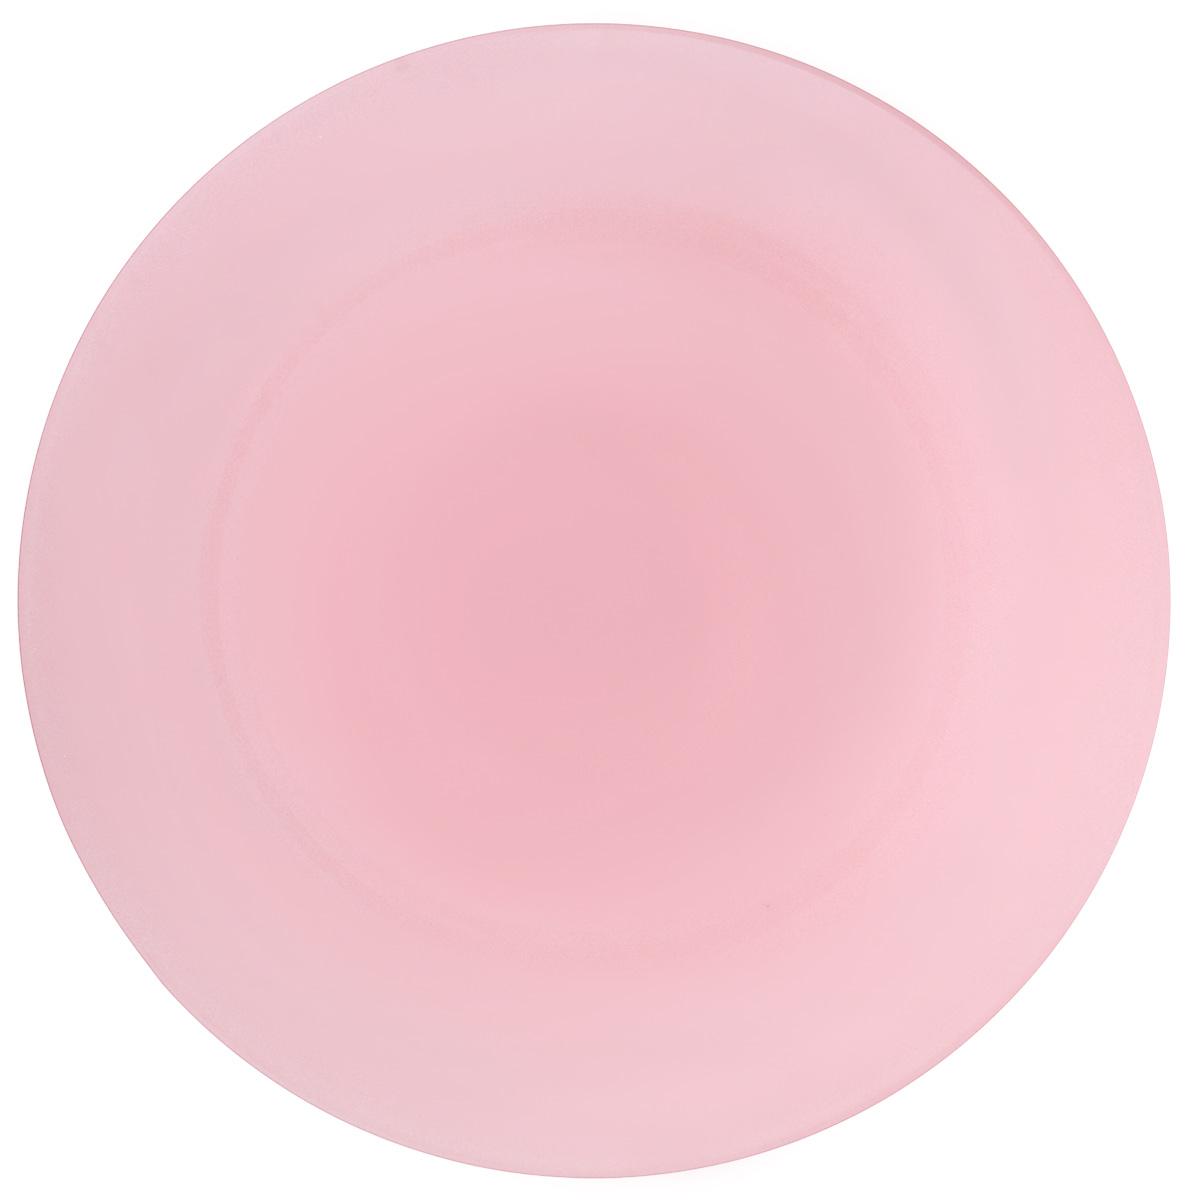 Тарелка NiNaGlass Палитра, цвет: розовый, диаметр 26 см85-260-125псрТарелка NiNaGlass Палитра выполнена из высококачественного стекла яркий насыщенный цвет. Тарелка идеальна для подачи вторых блюд, а также сервировки закусок, нарезок, салатов, овощей и фруктов. Она отлично подойдет как для повседневных, так и для торжественных случаев. Такая тарелка прекрасно впишется в интерьер вашей кухни и станет достойным дополнением к кухонному инвентарю.